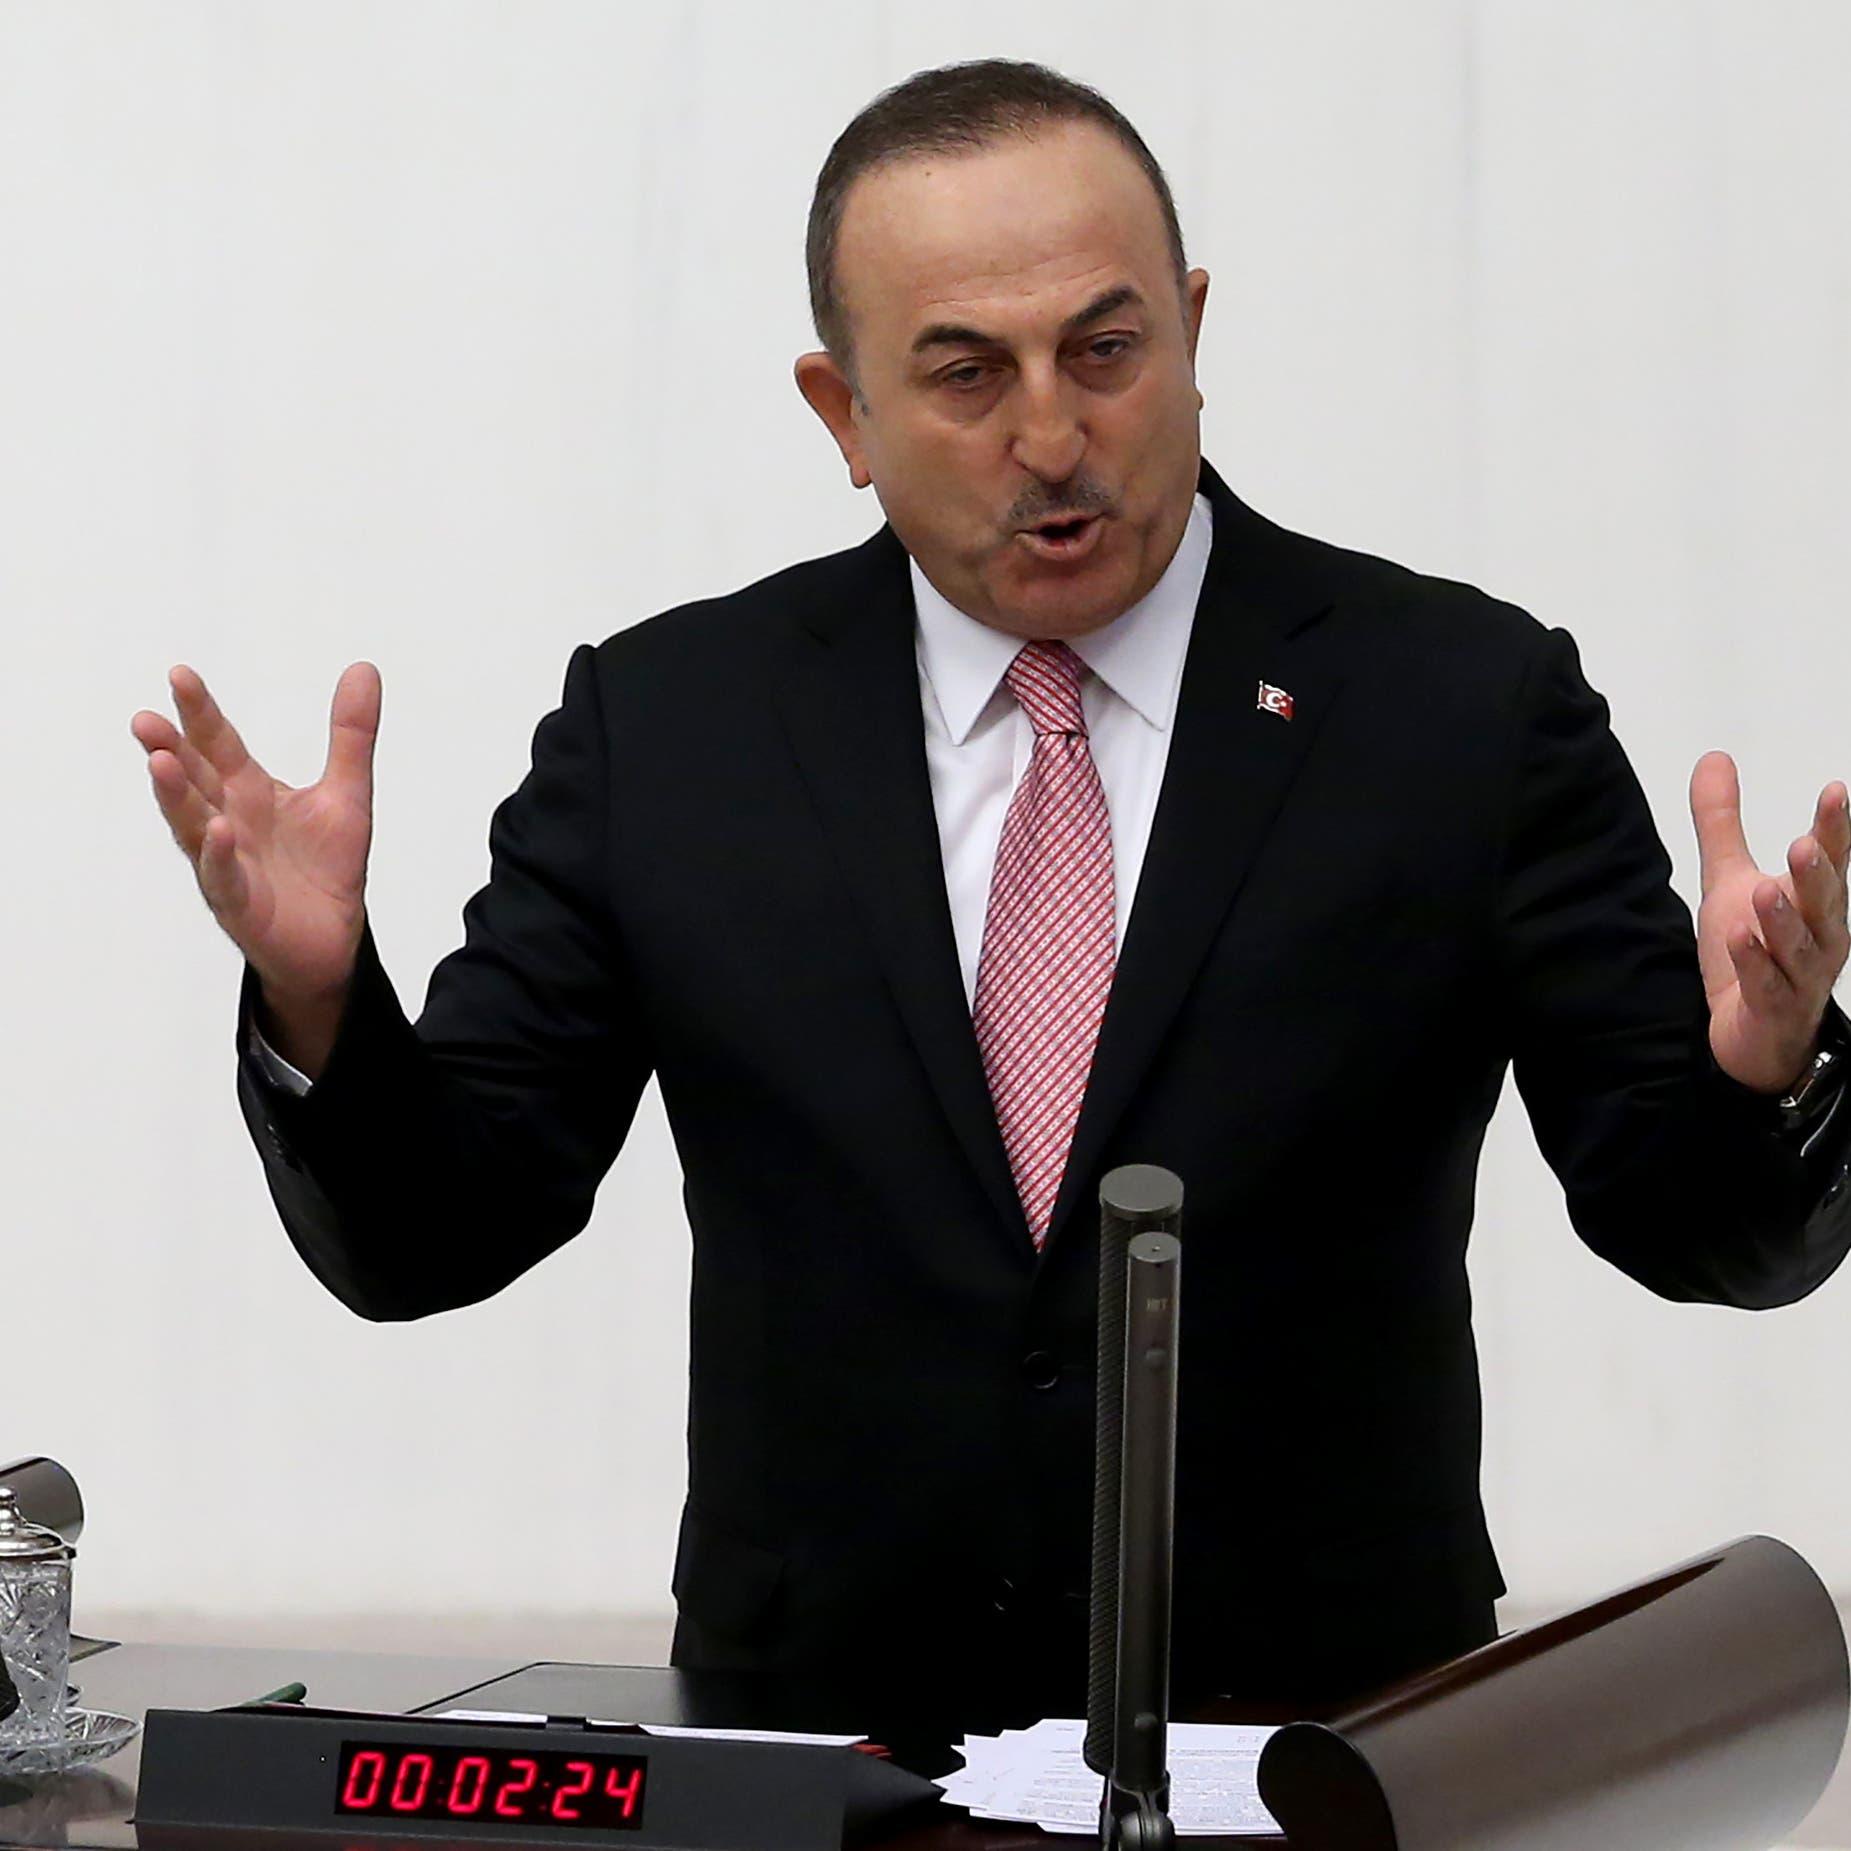 أنقرة: واشنطن عرضت علينا معلومات استخباراتية عن إدلب